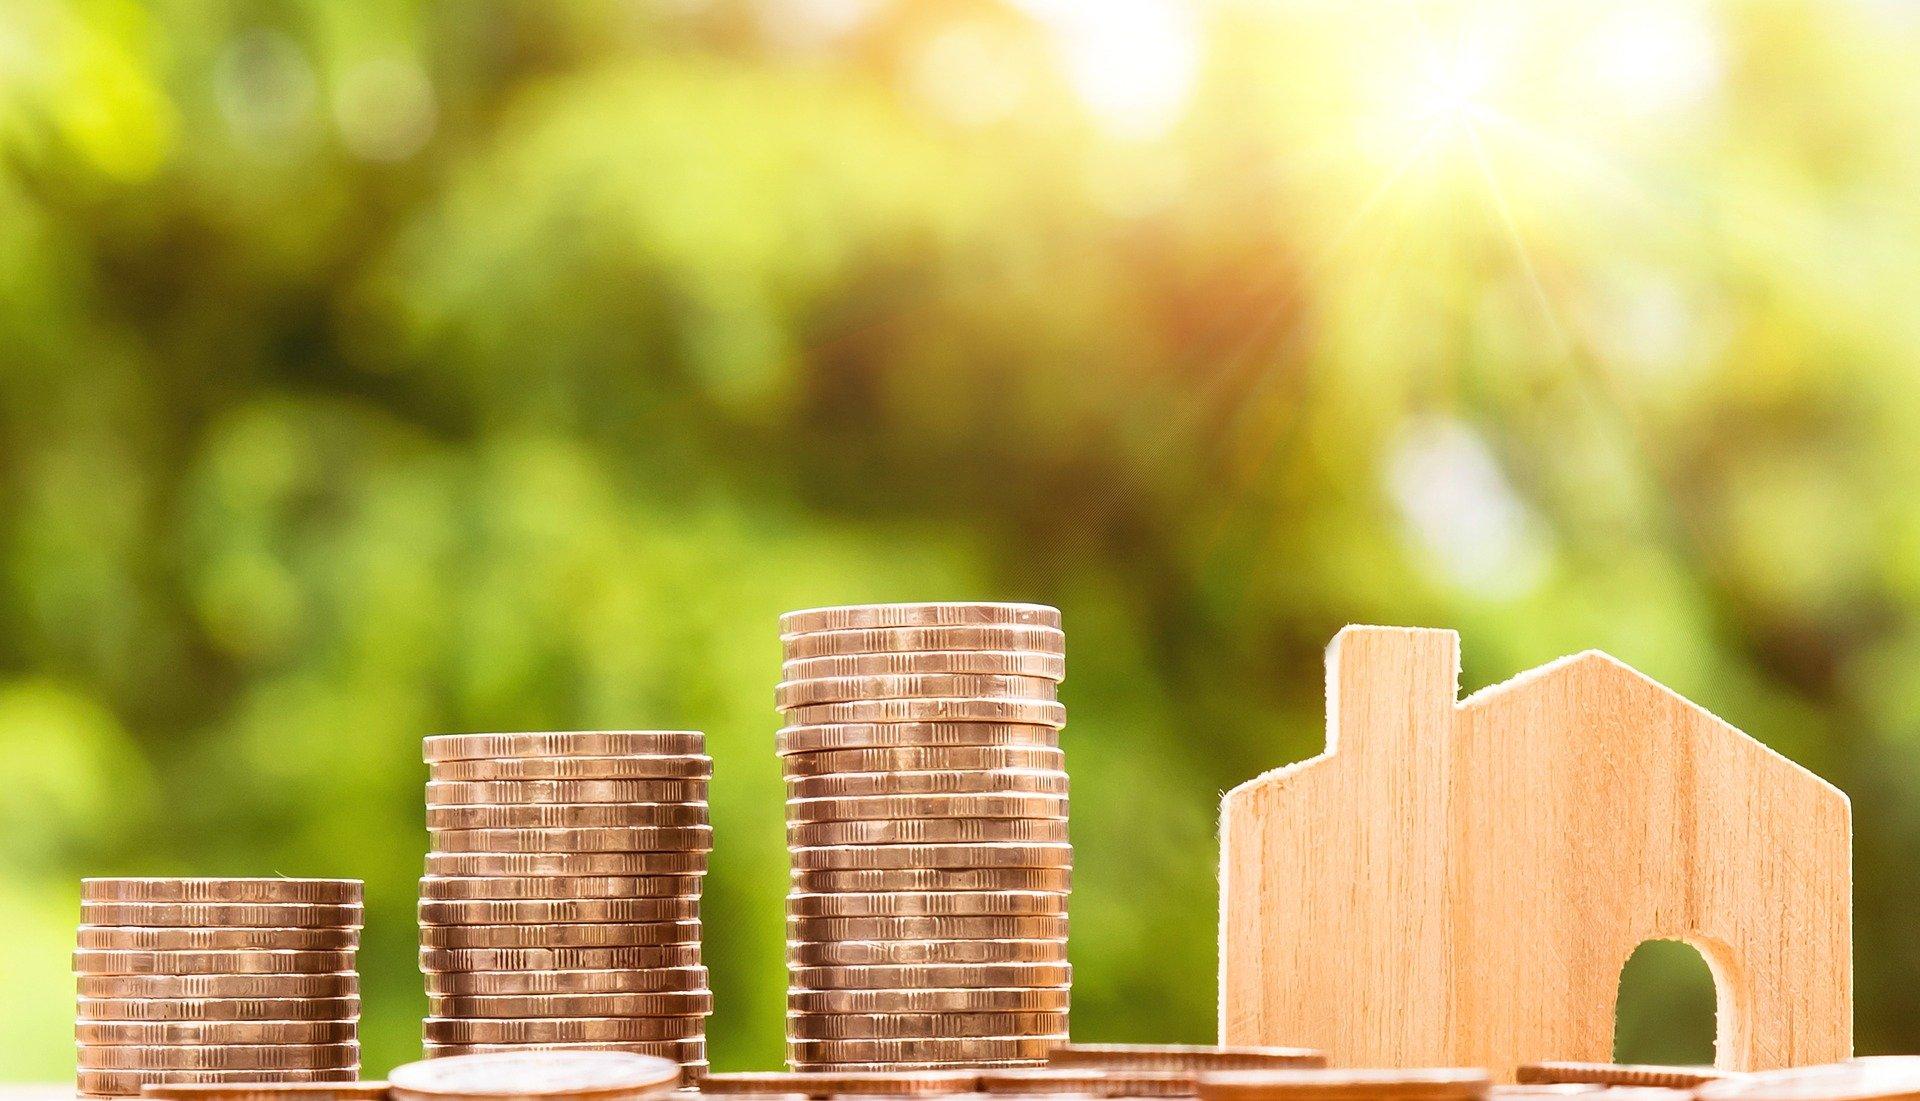 7 dicas para economizar muito e sobrar dinheiro. Saiba driblar a crise para ter uma reserva de emergência